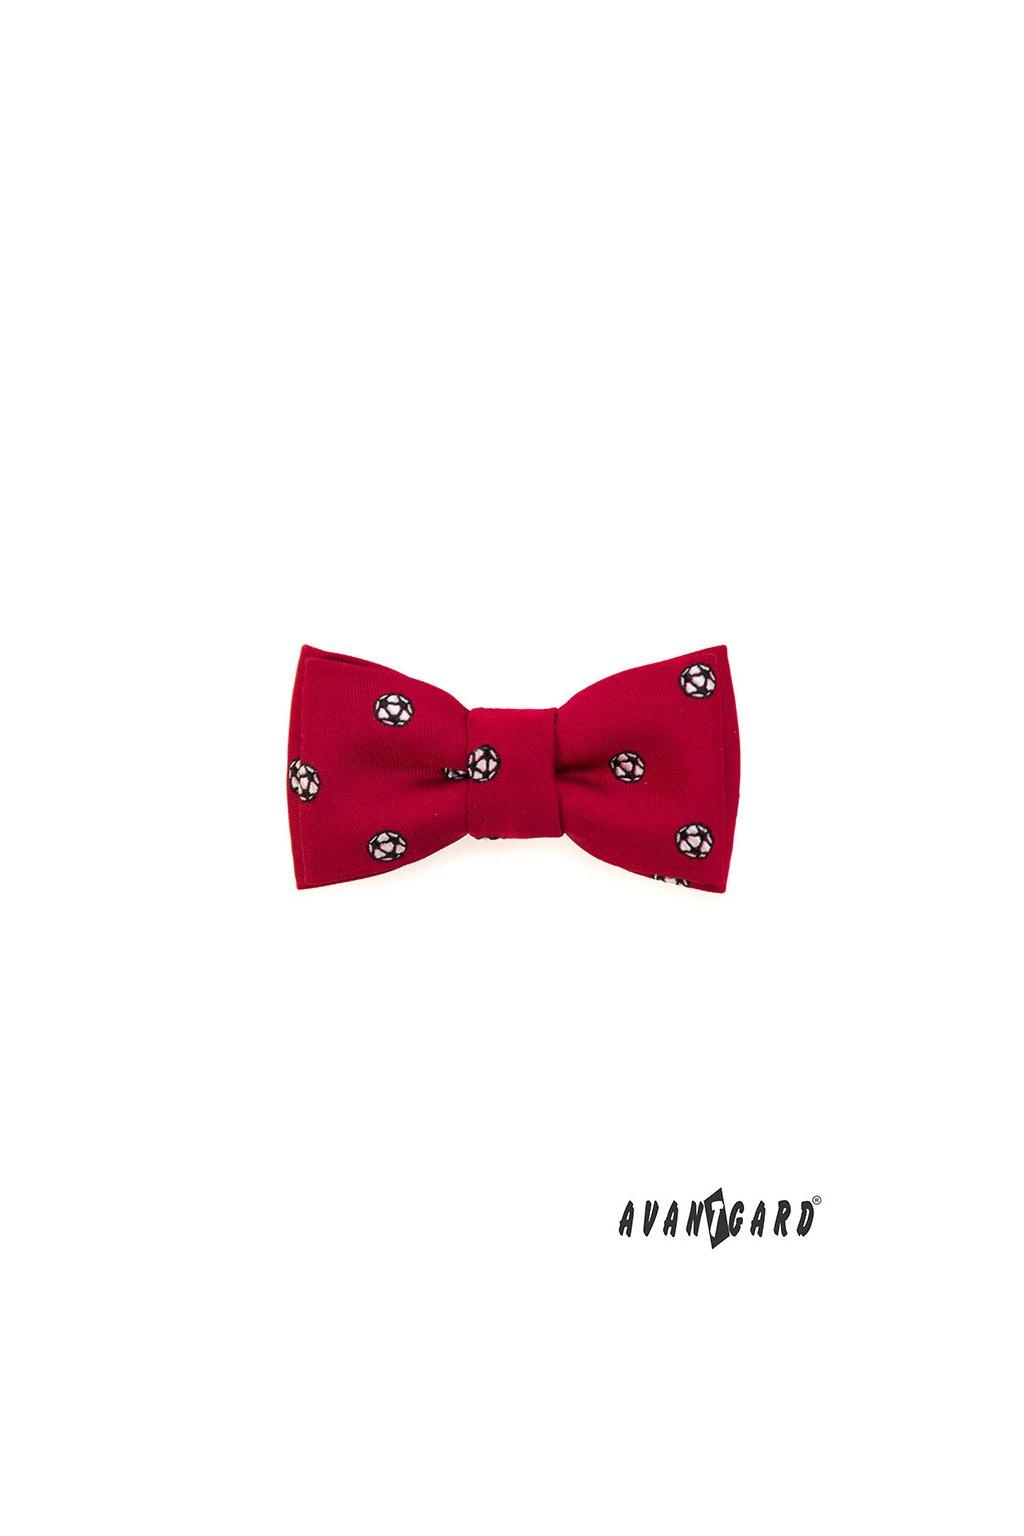 Motýlek MINI červená/fotbal 531 - 1889